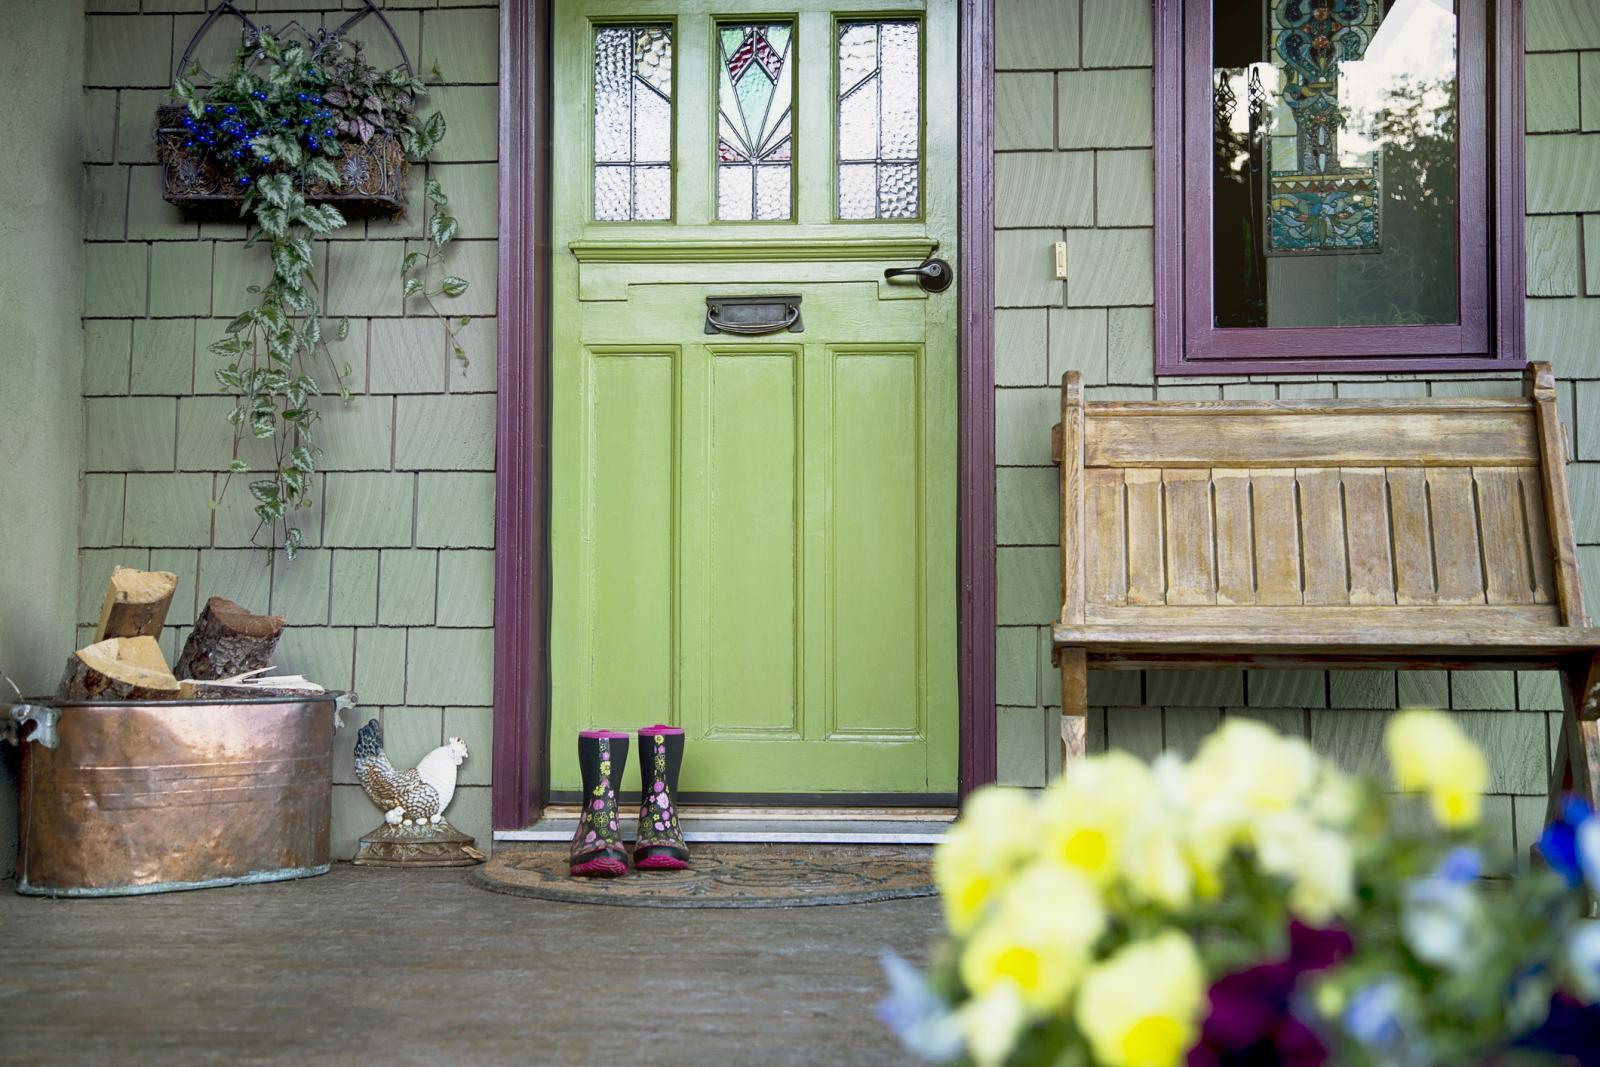 Welcome mat at green painted door